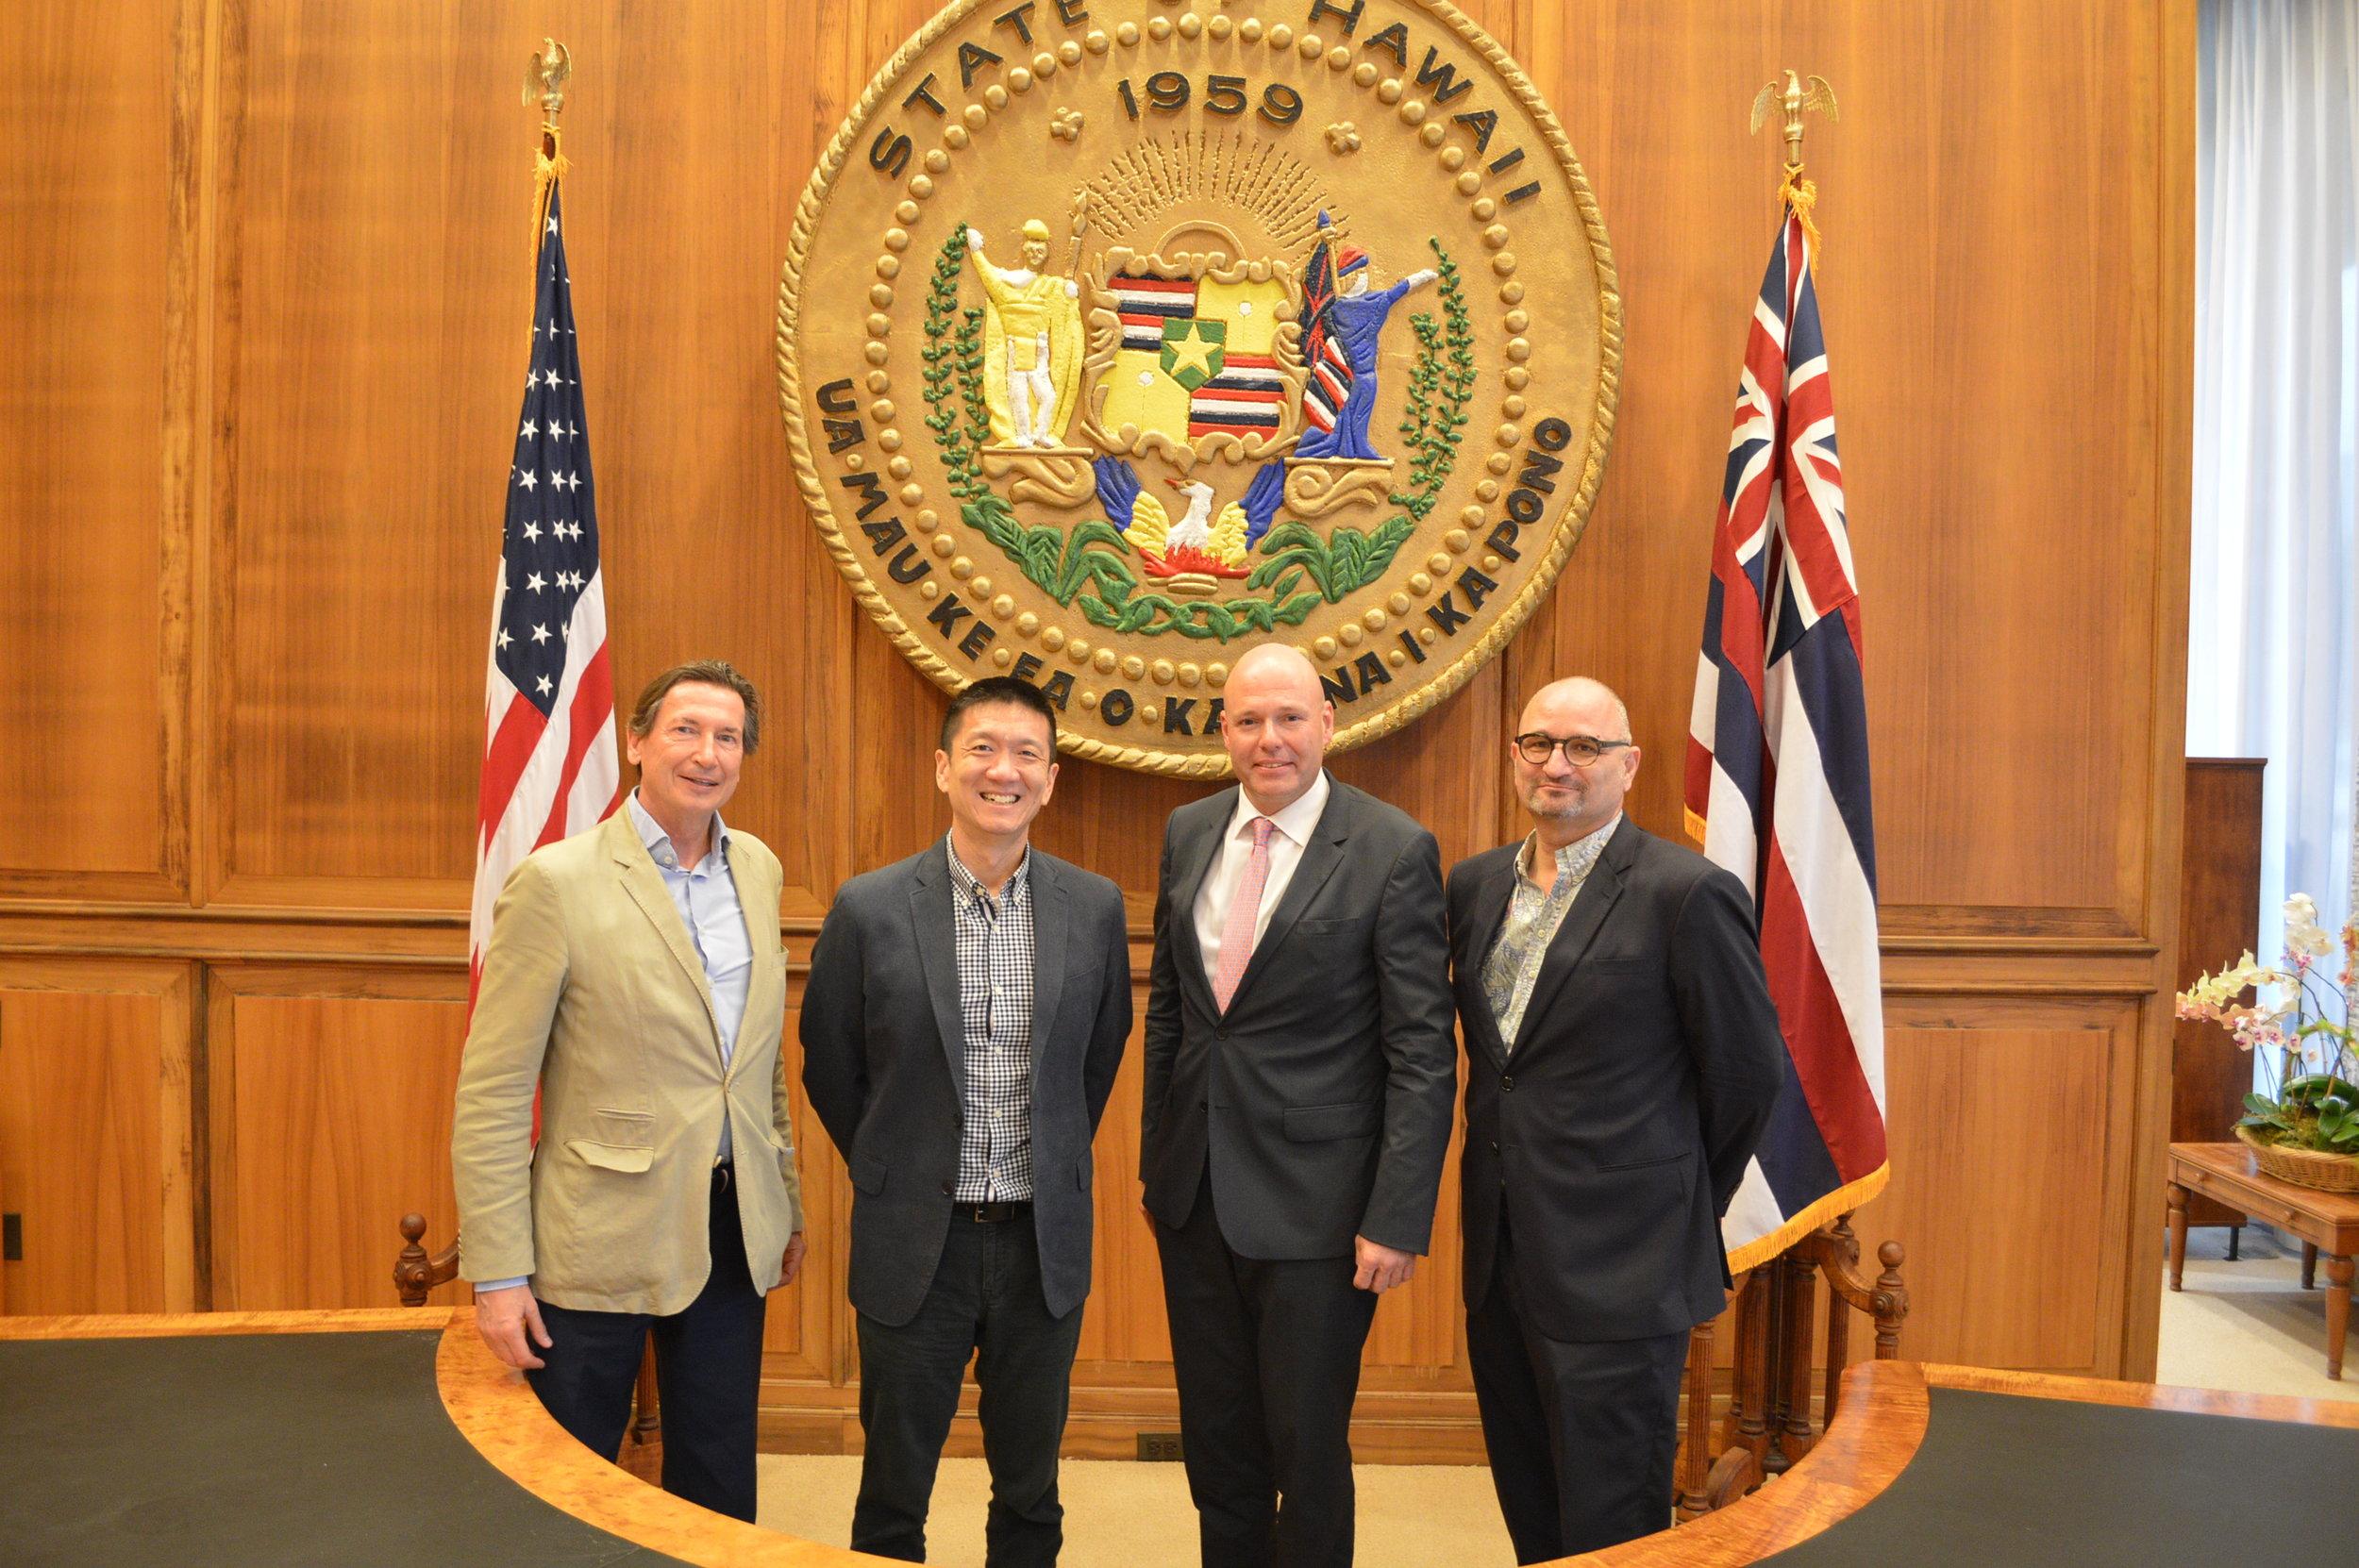 From left: Trade Commissioner Koren,LtGov Chin,Consul General Launer, Honorary Consul Urschitz